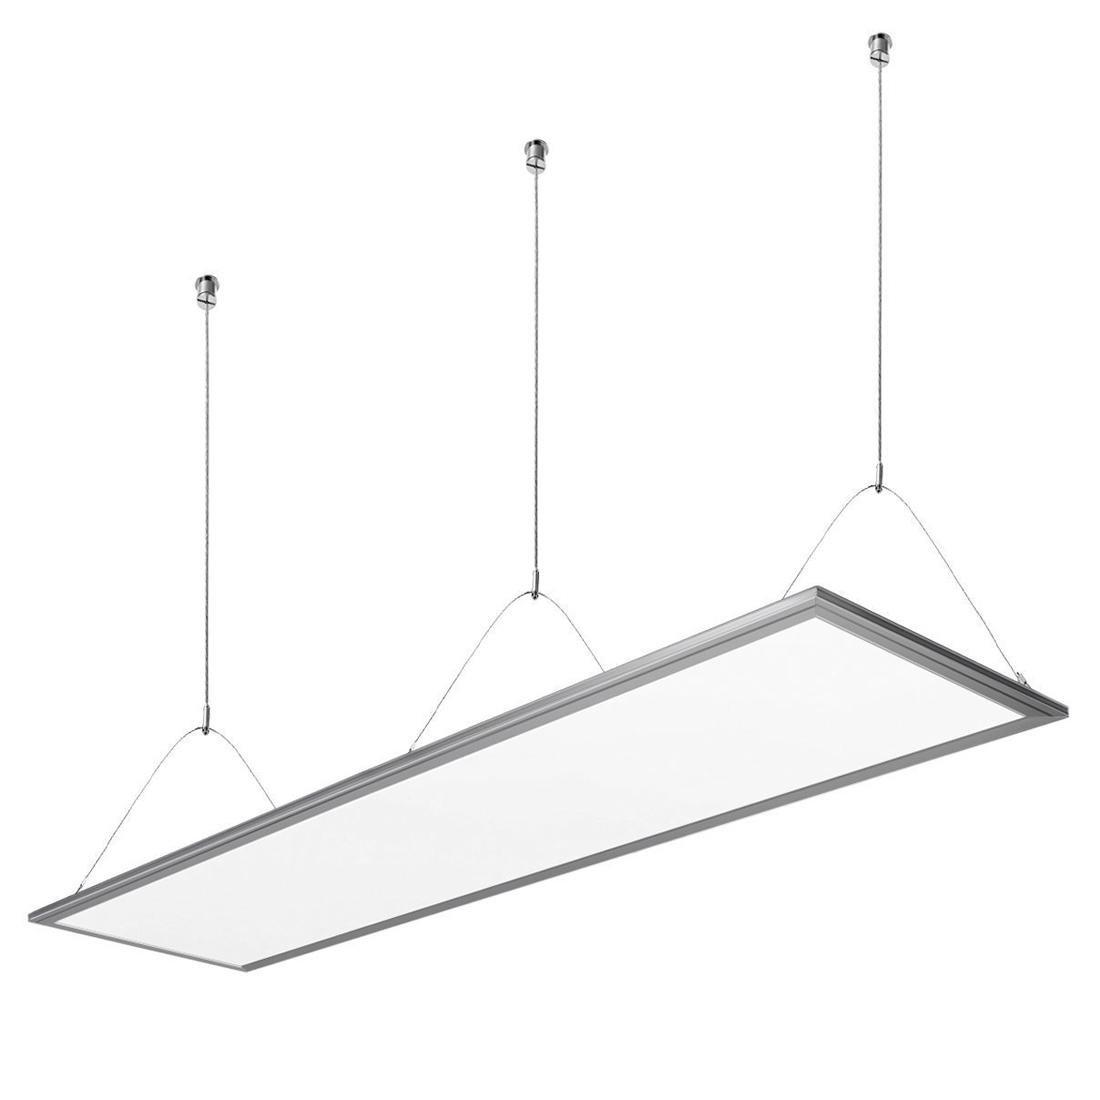 Lighting EVER LE 2er 36W Panel/ 3000lm Ersatz für 80W Glühbirne/ 3000K Warmweiß/ 295 * 1195mm/ LED Panelleuchte mit Befestigungsmaterial und Treiber/Trafo, Panellampen Deckenleuchte Pendelleuchten [Energieklasse A+]